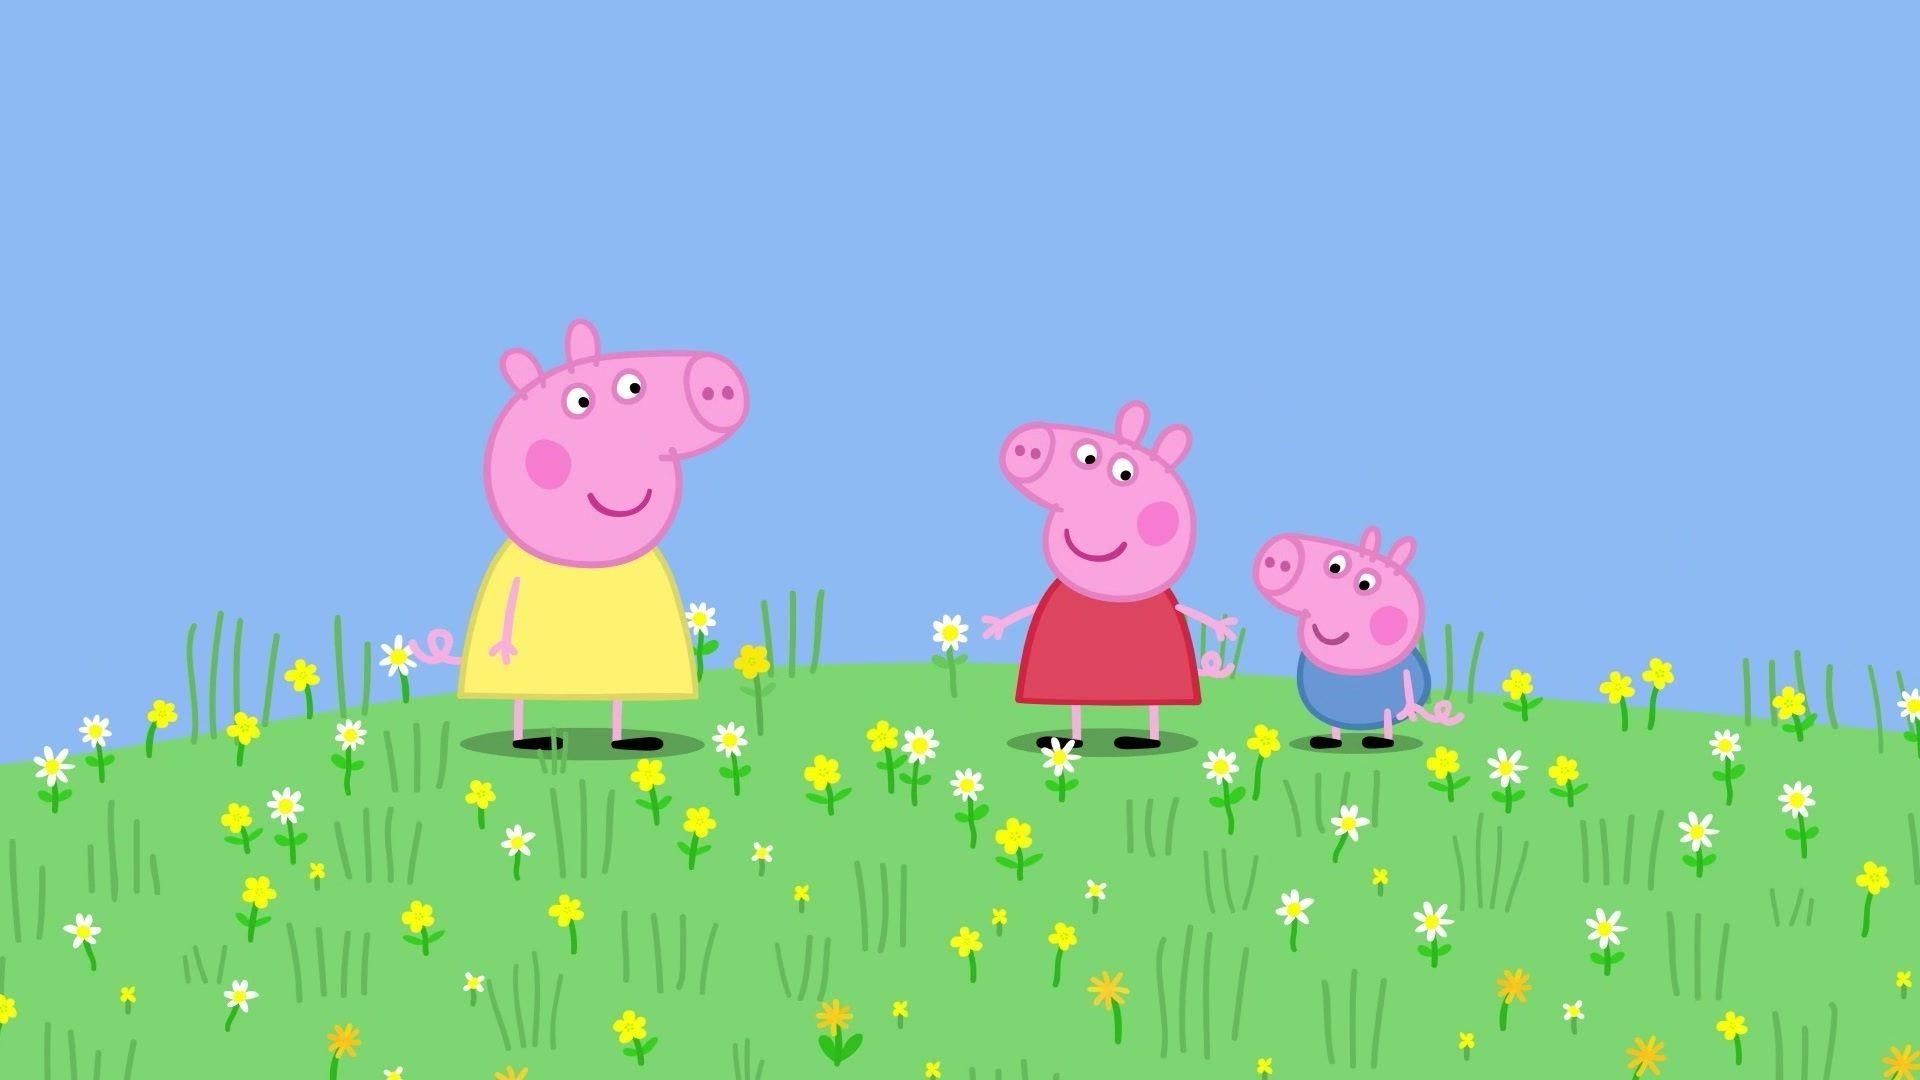 Estúdio dono de 'Peppa Pig' é comprado pela Hasbro por US$ 4 bilhões - Notícias - Plantão Diário